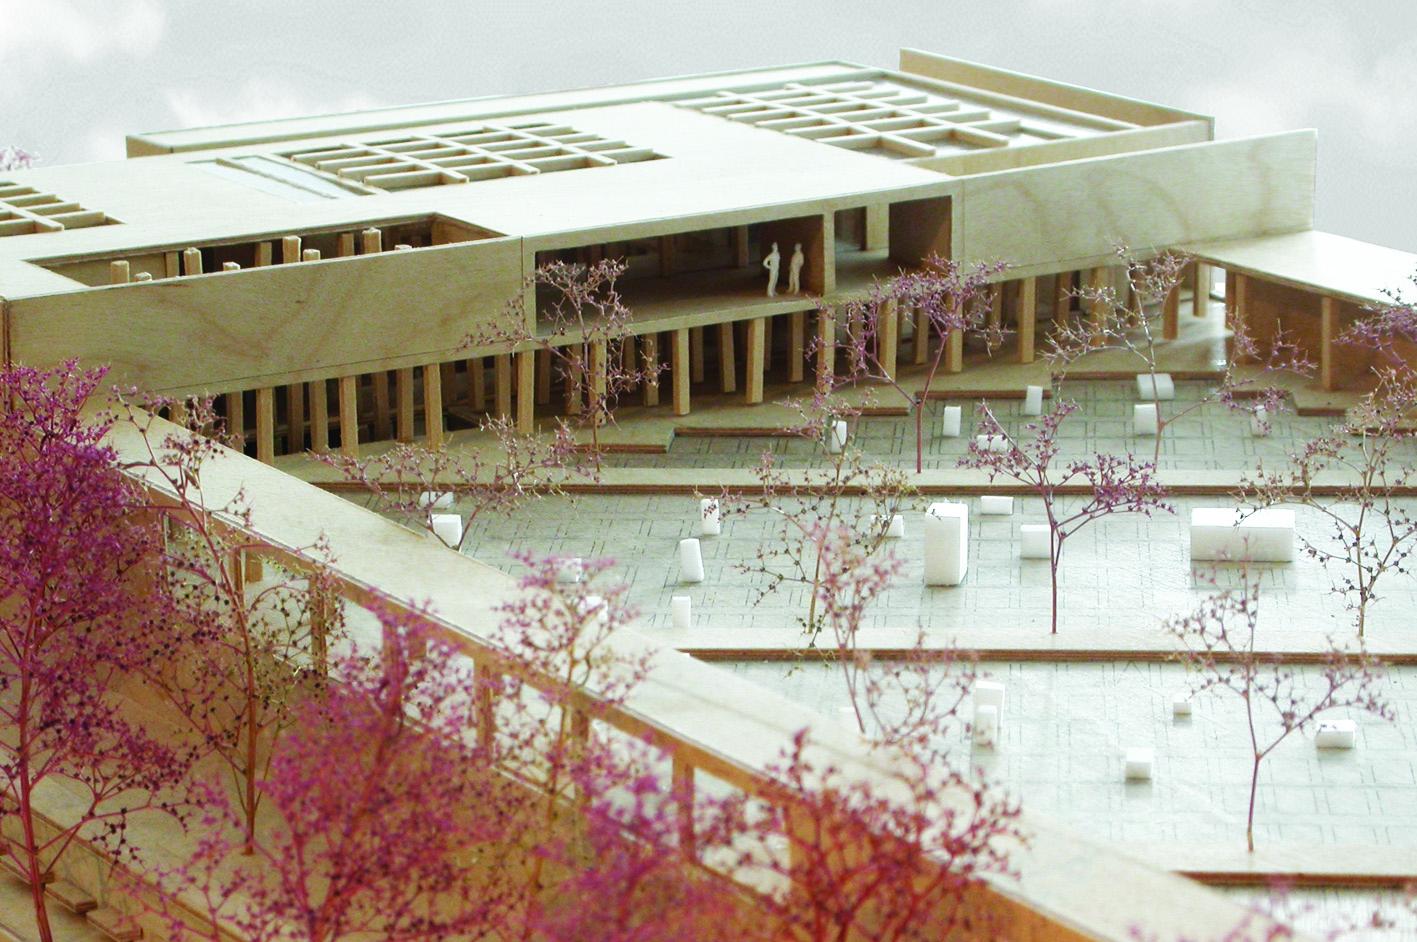 Islamitische Begraafplaats Amsterdam West academie van Bouwkunst Atelier PUUUR furkan Köse maquette  winnaar Archiprix 2005